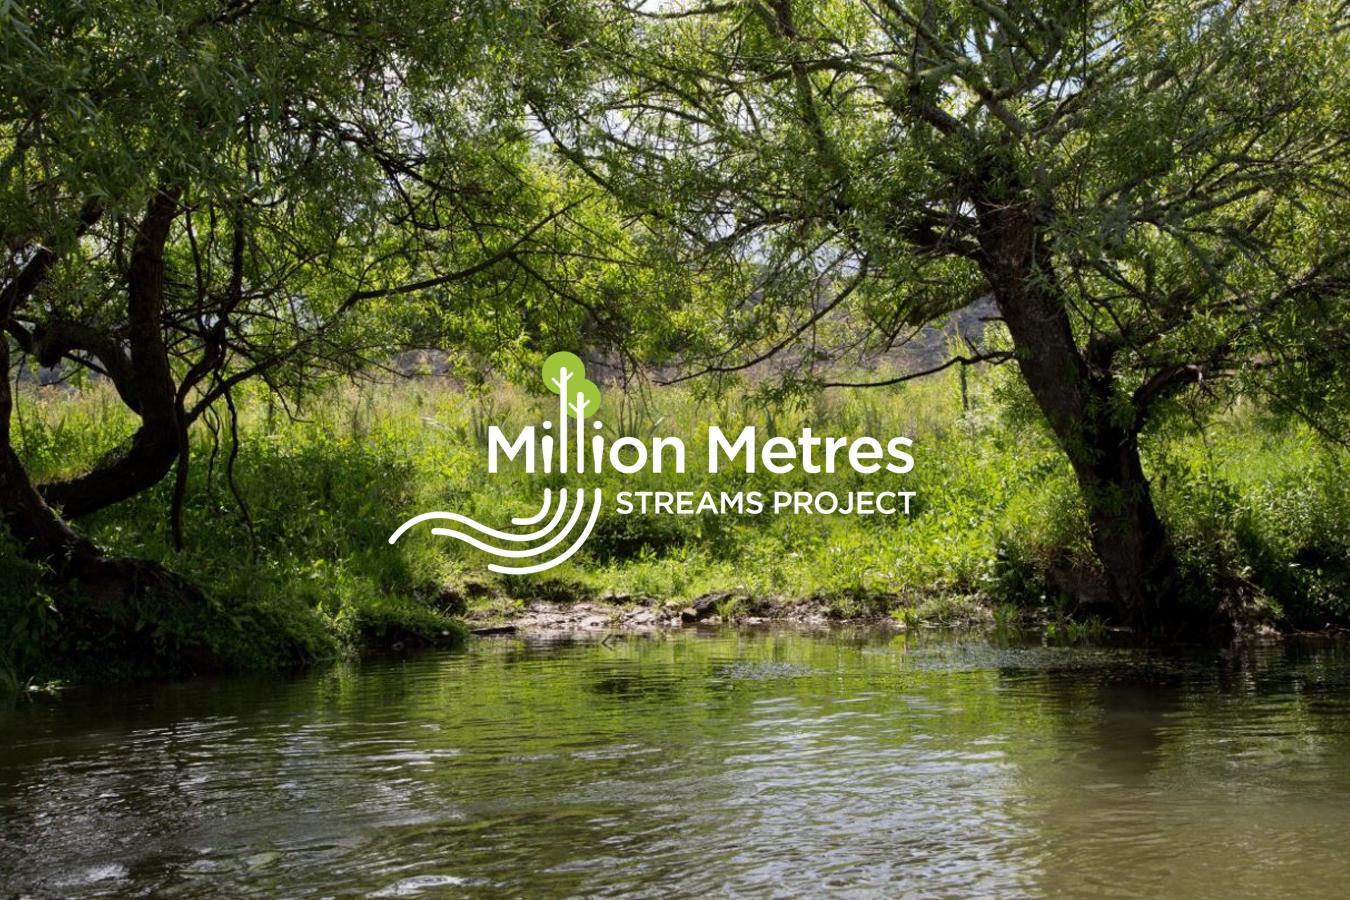 Million Metres Streams